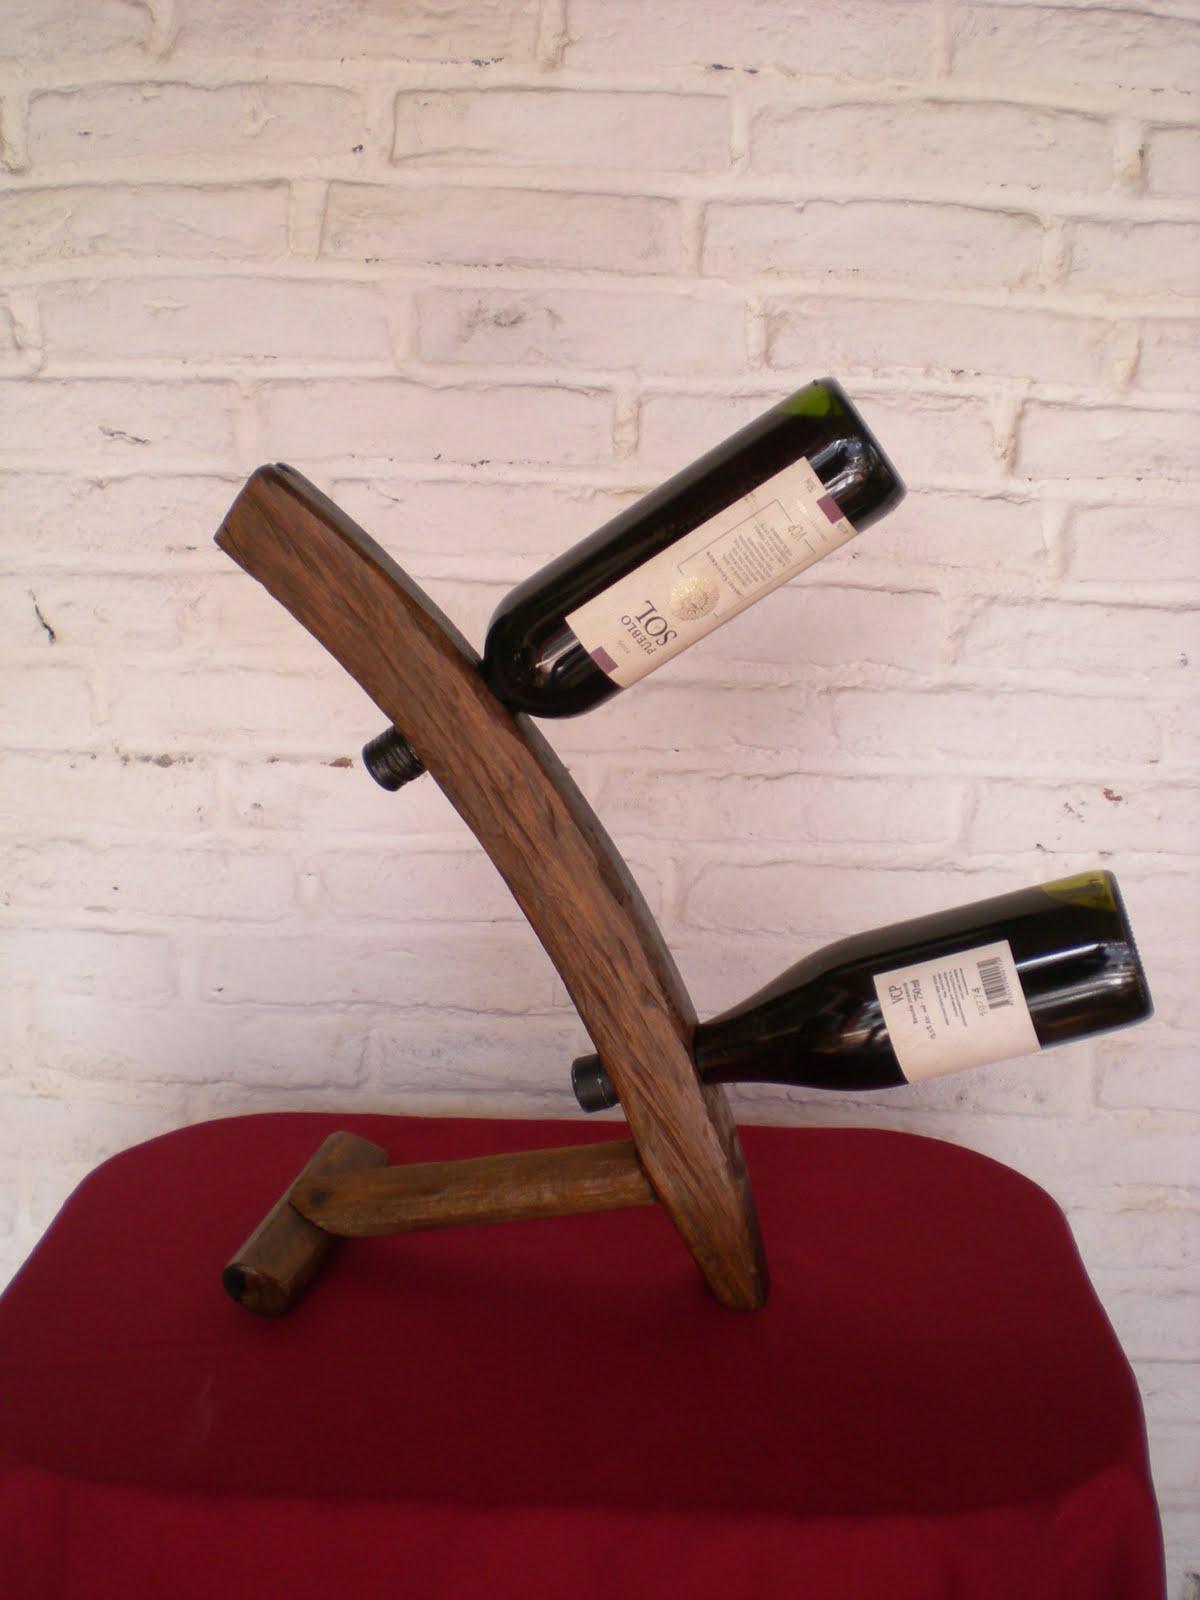 El Fogn  Artesanas en madera rstica y hierro Uruguay  Flores 045Porta botellas de vino  Adorno rstico